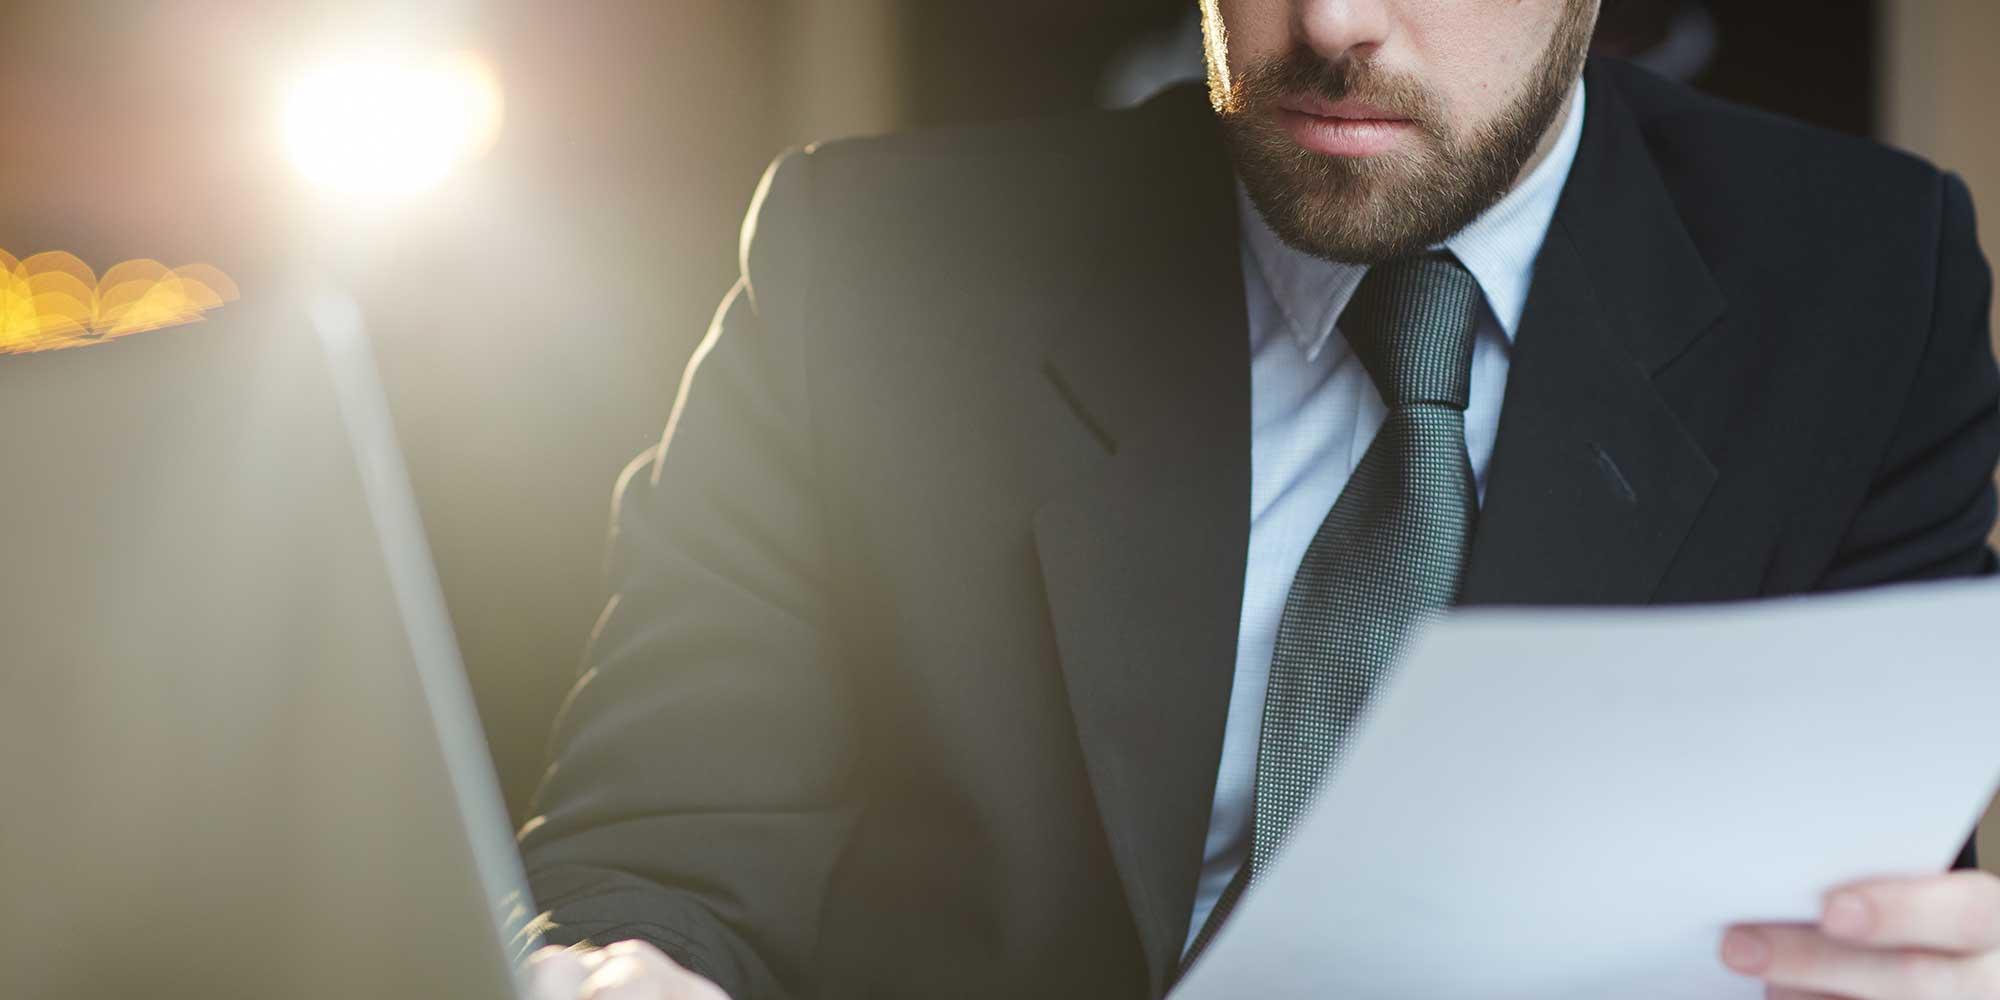 Guia prático para blindar seu escritório de erros com intimações.